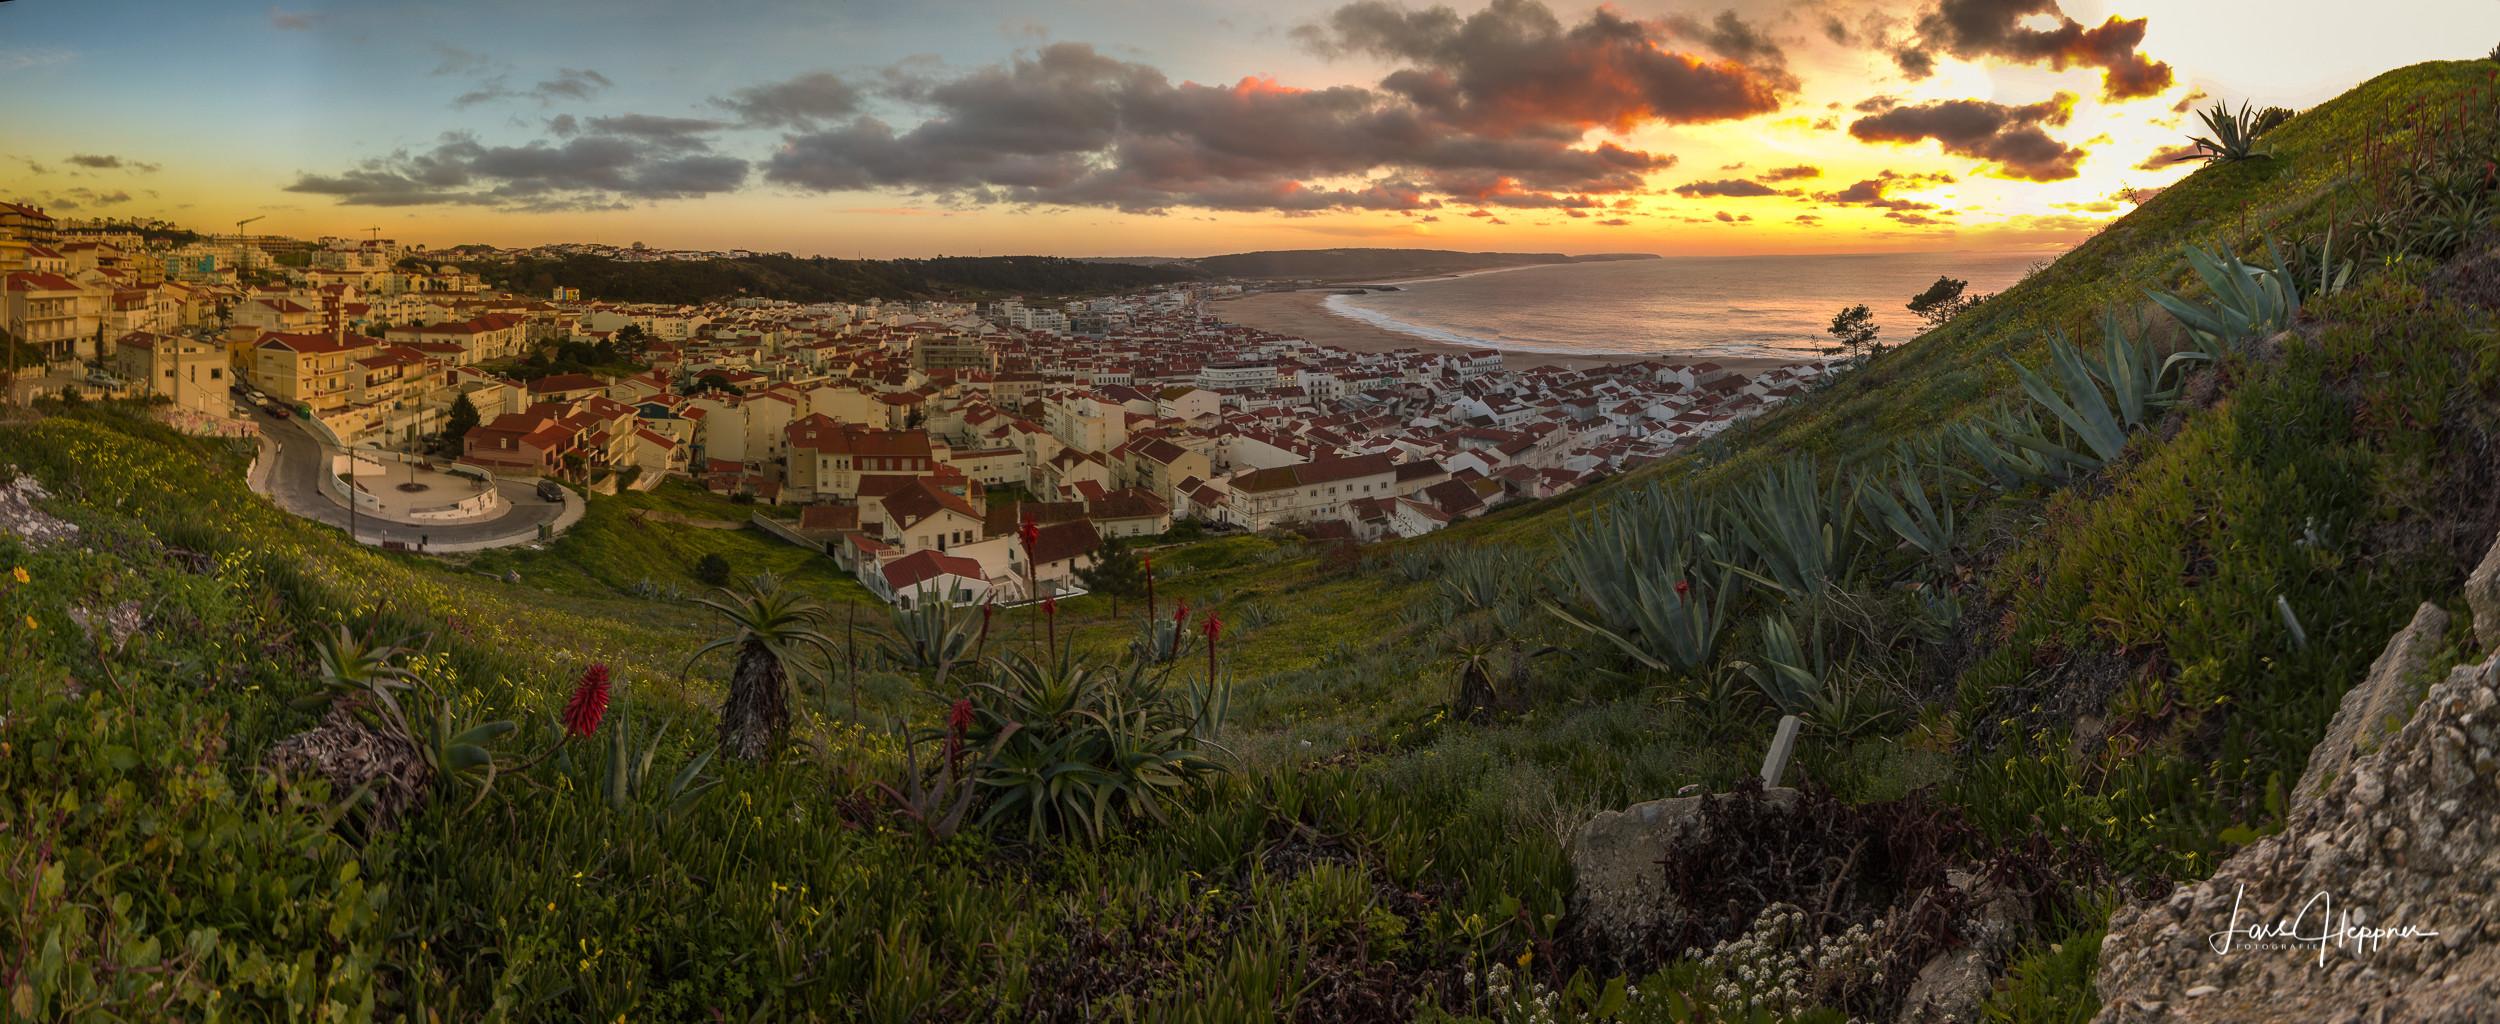 Panorama: Über den Dächern von Nazaré (Portugal)